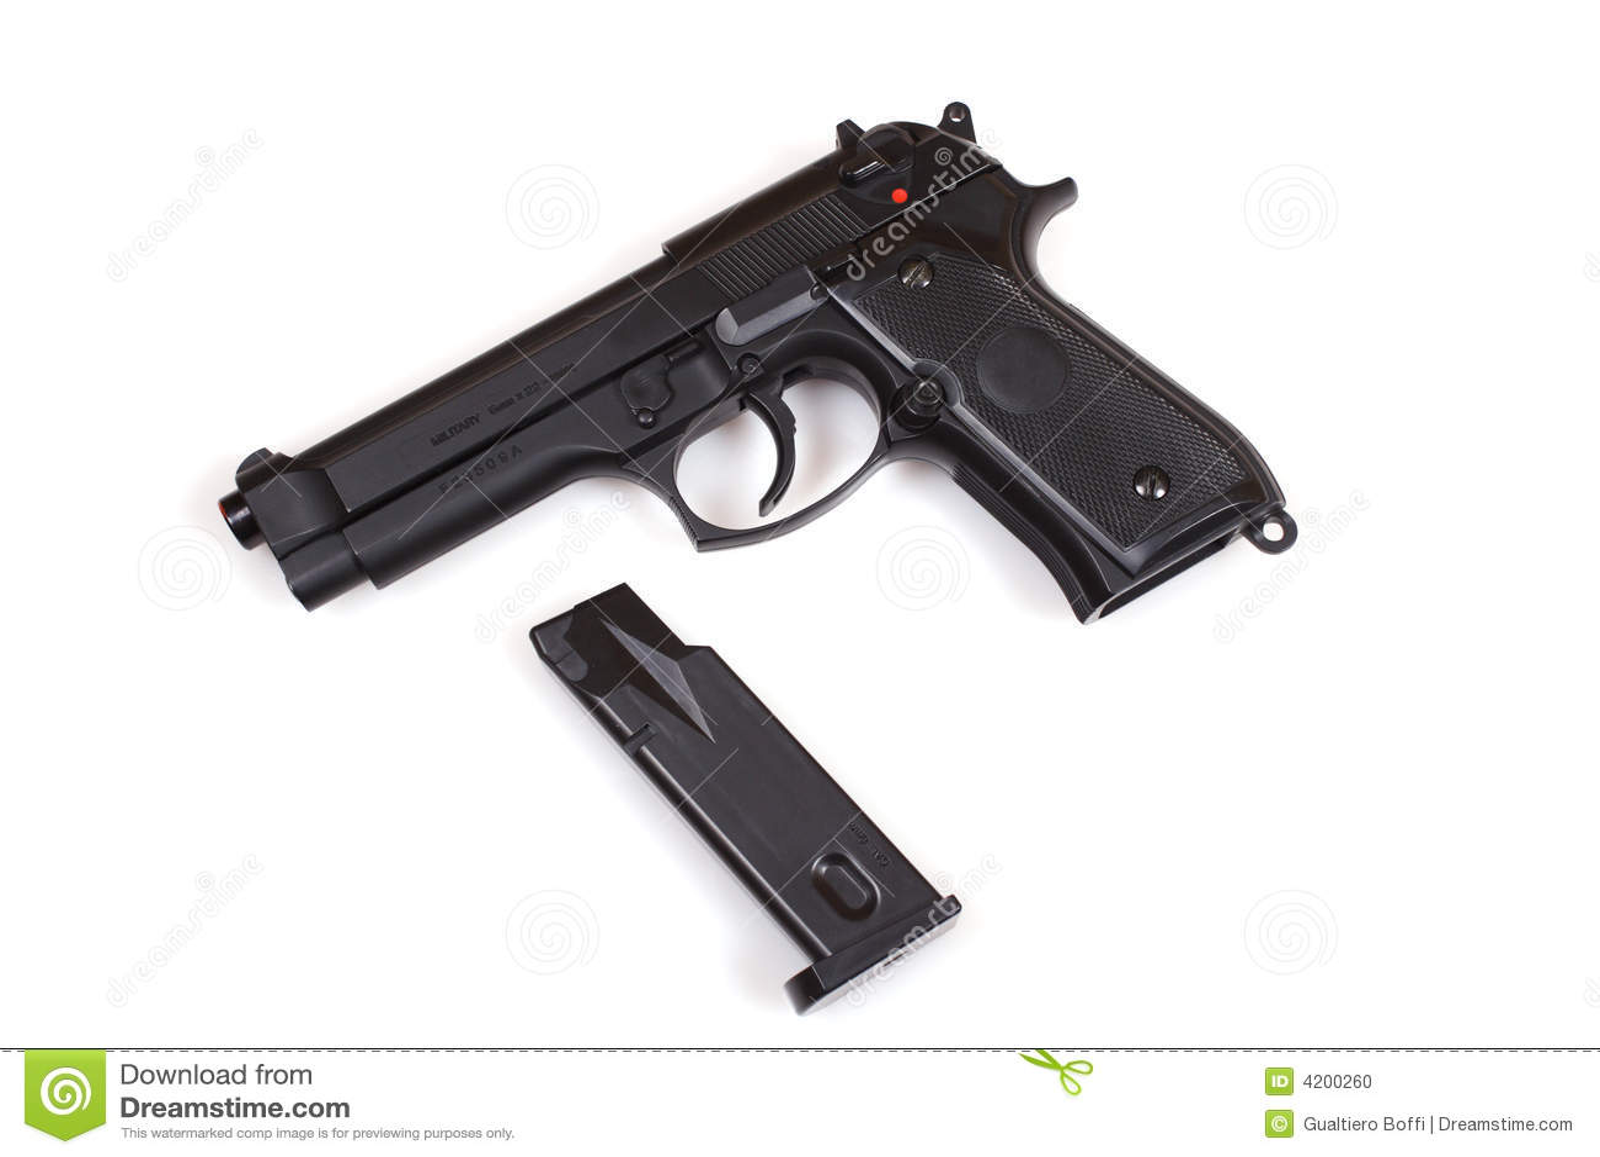 Acquista La Pistola Uk Scaricalo Illegalmente Ednaconri Ga